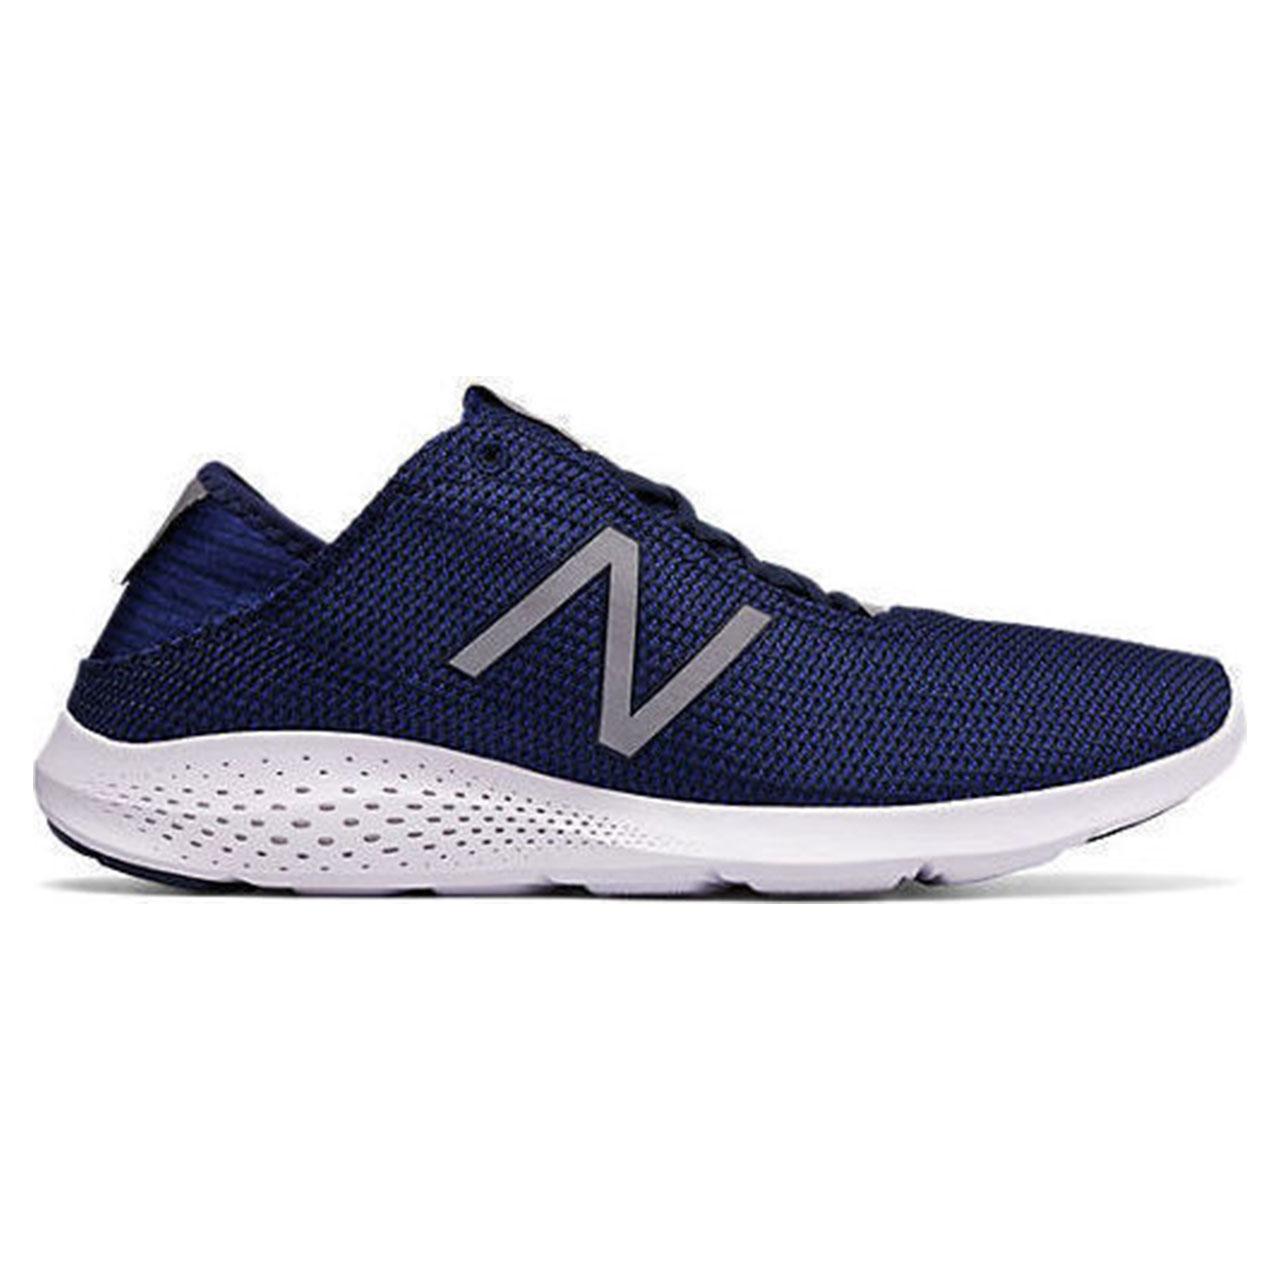 کفش پیاده روی مردانه نیوبالانس مدل New Balance MCOASNV2